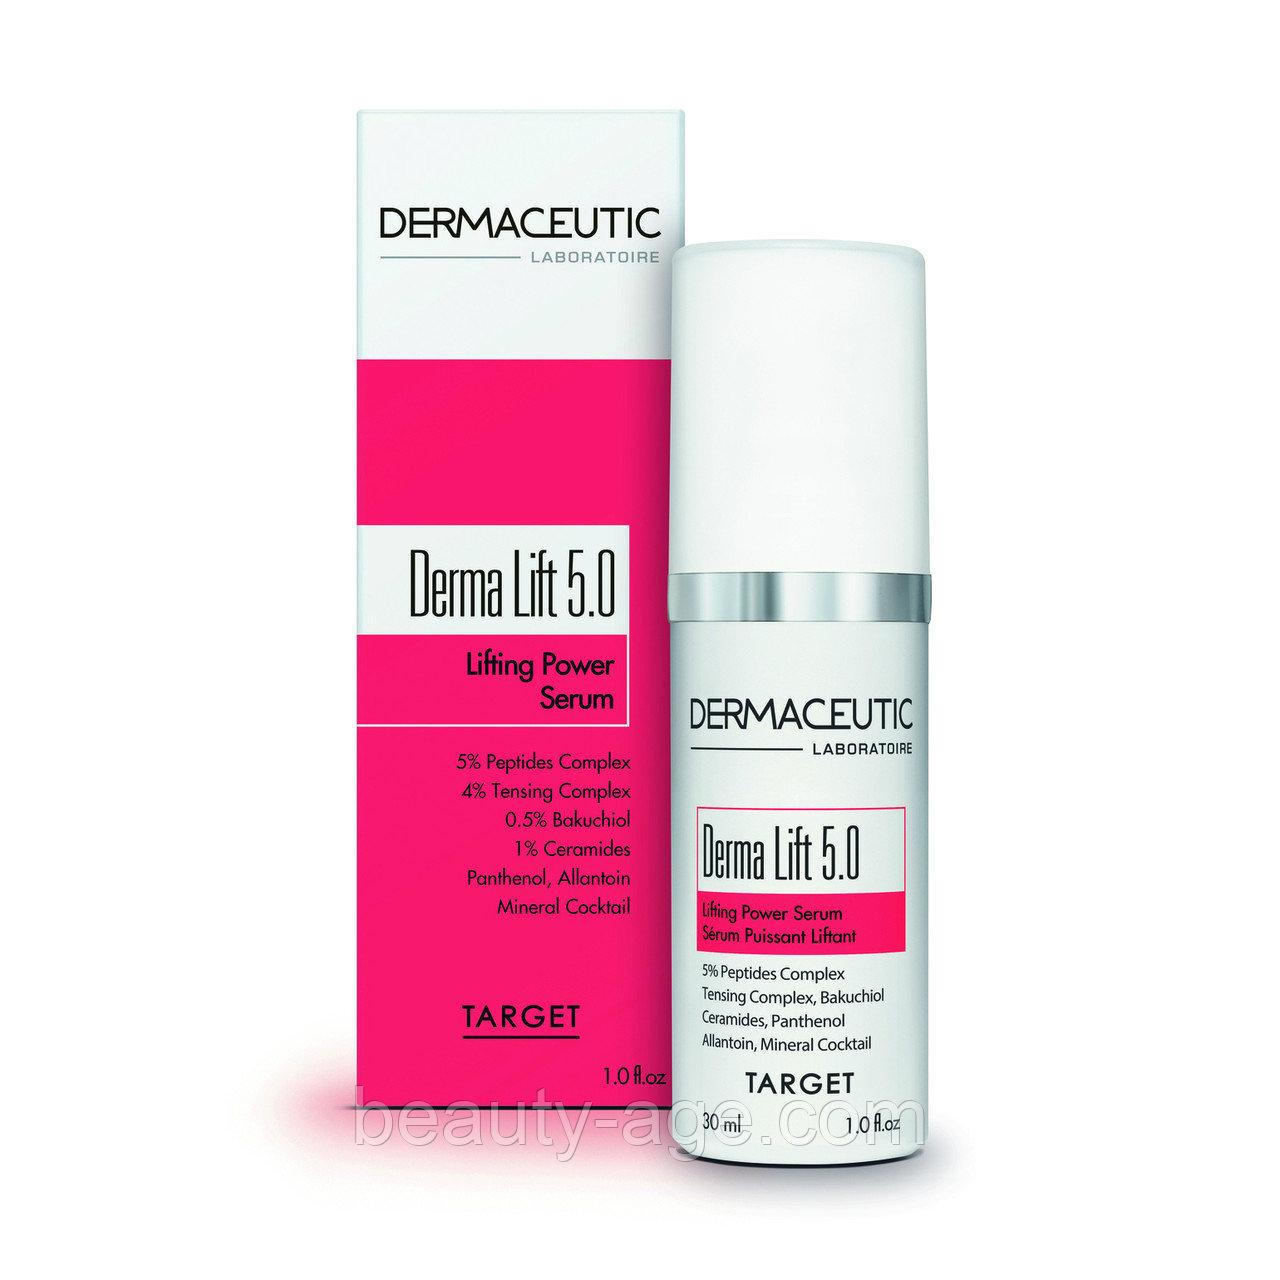 Сыворотка с лифтинг-эффектом Derma lift 5.0